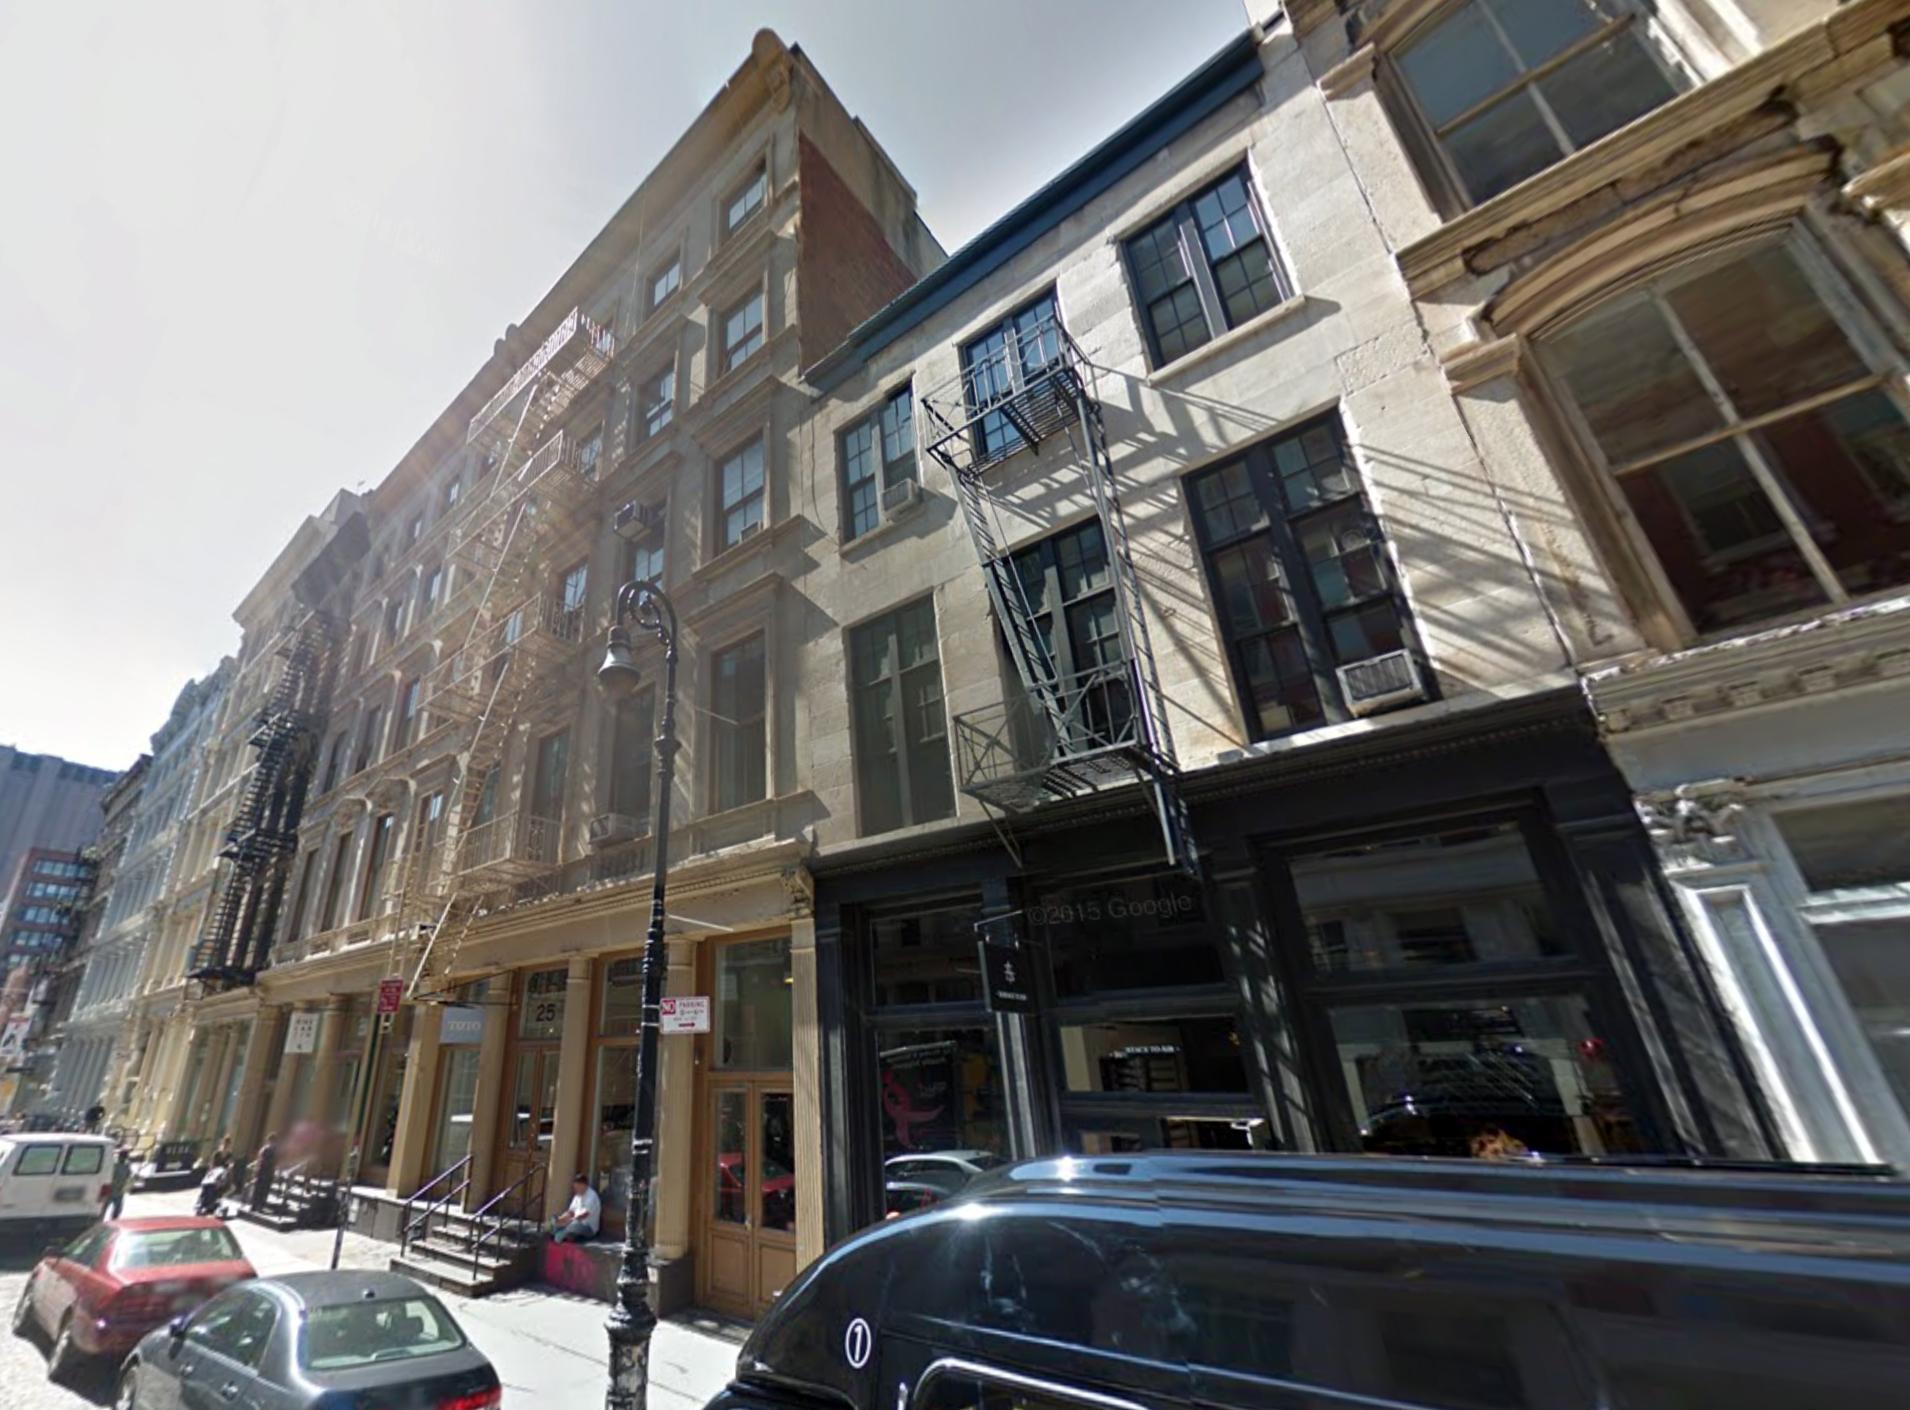 25 Mercer Street and 27 Mercer Street, September 2014. Photo via Google Maps